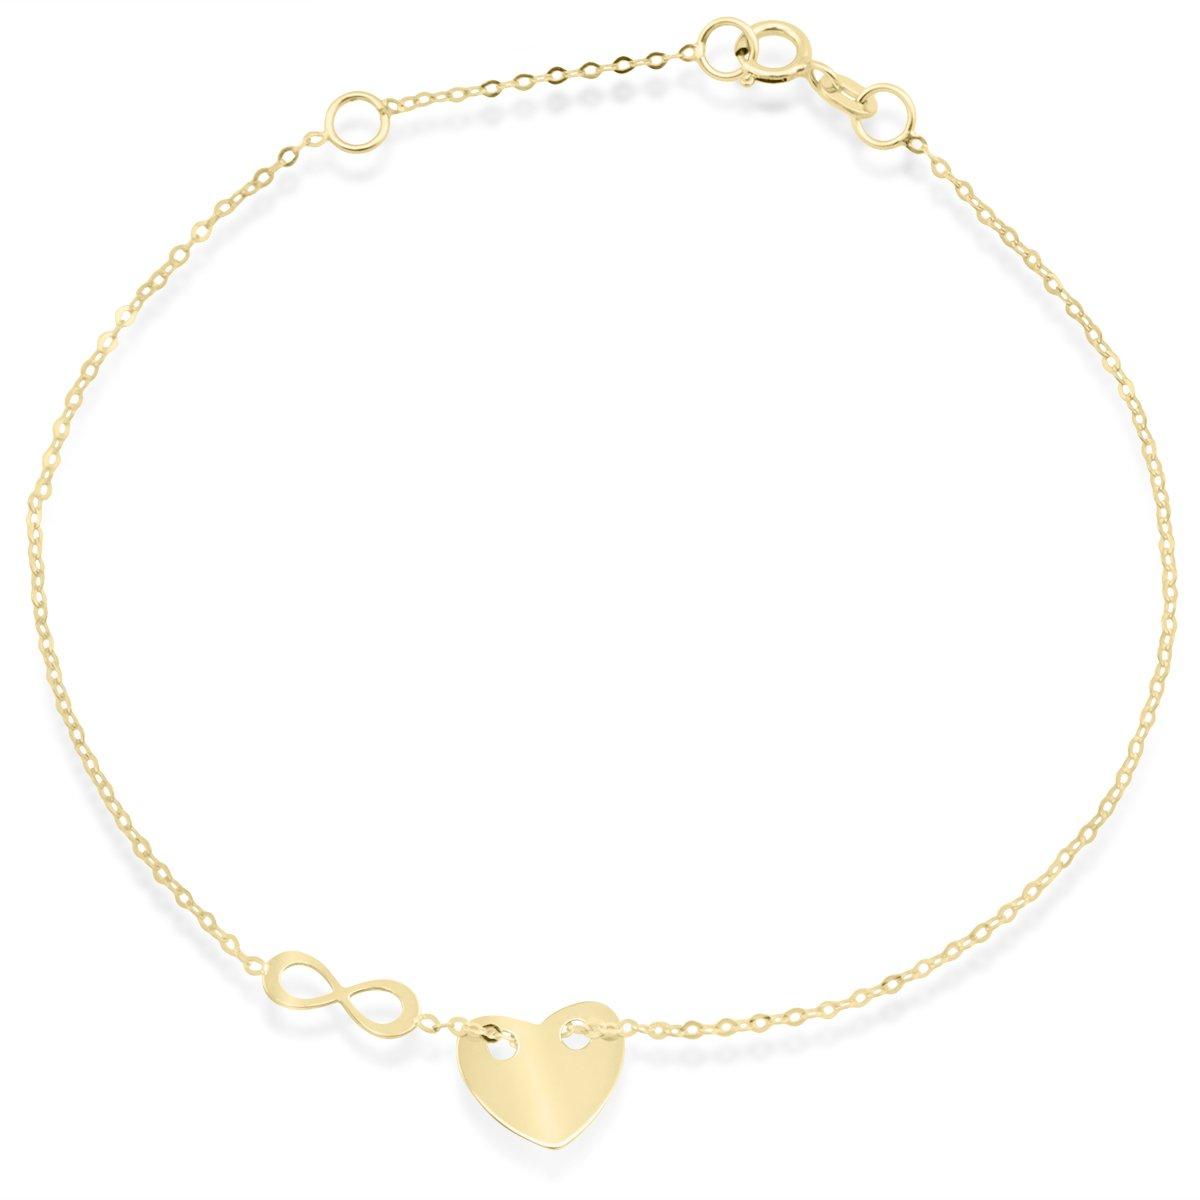 Złota bransoletka z sercem oraz nieskończonością pr. 333 Grawer